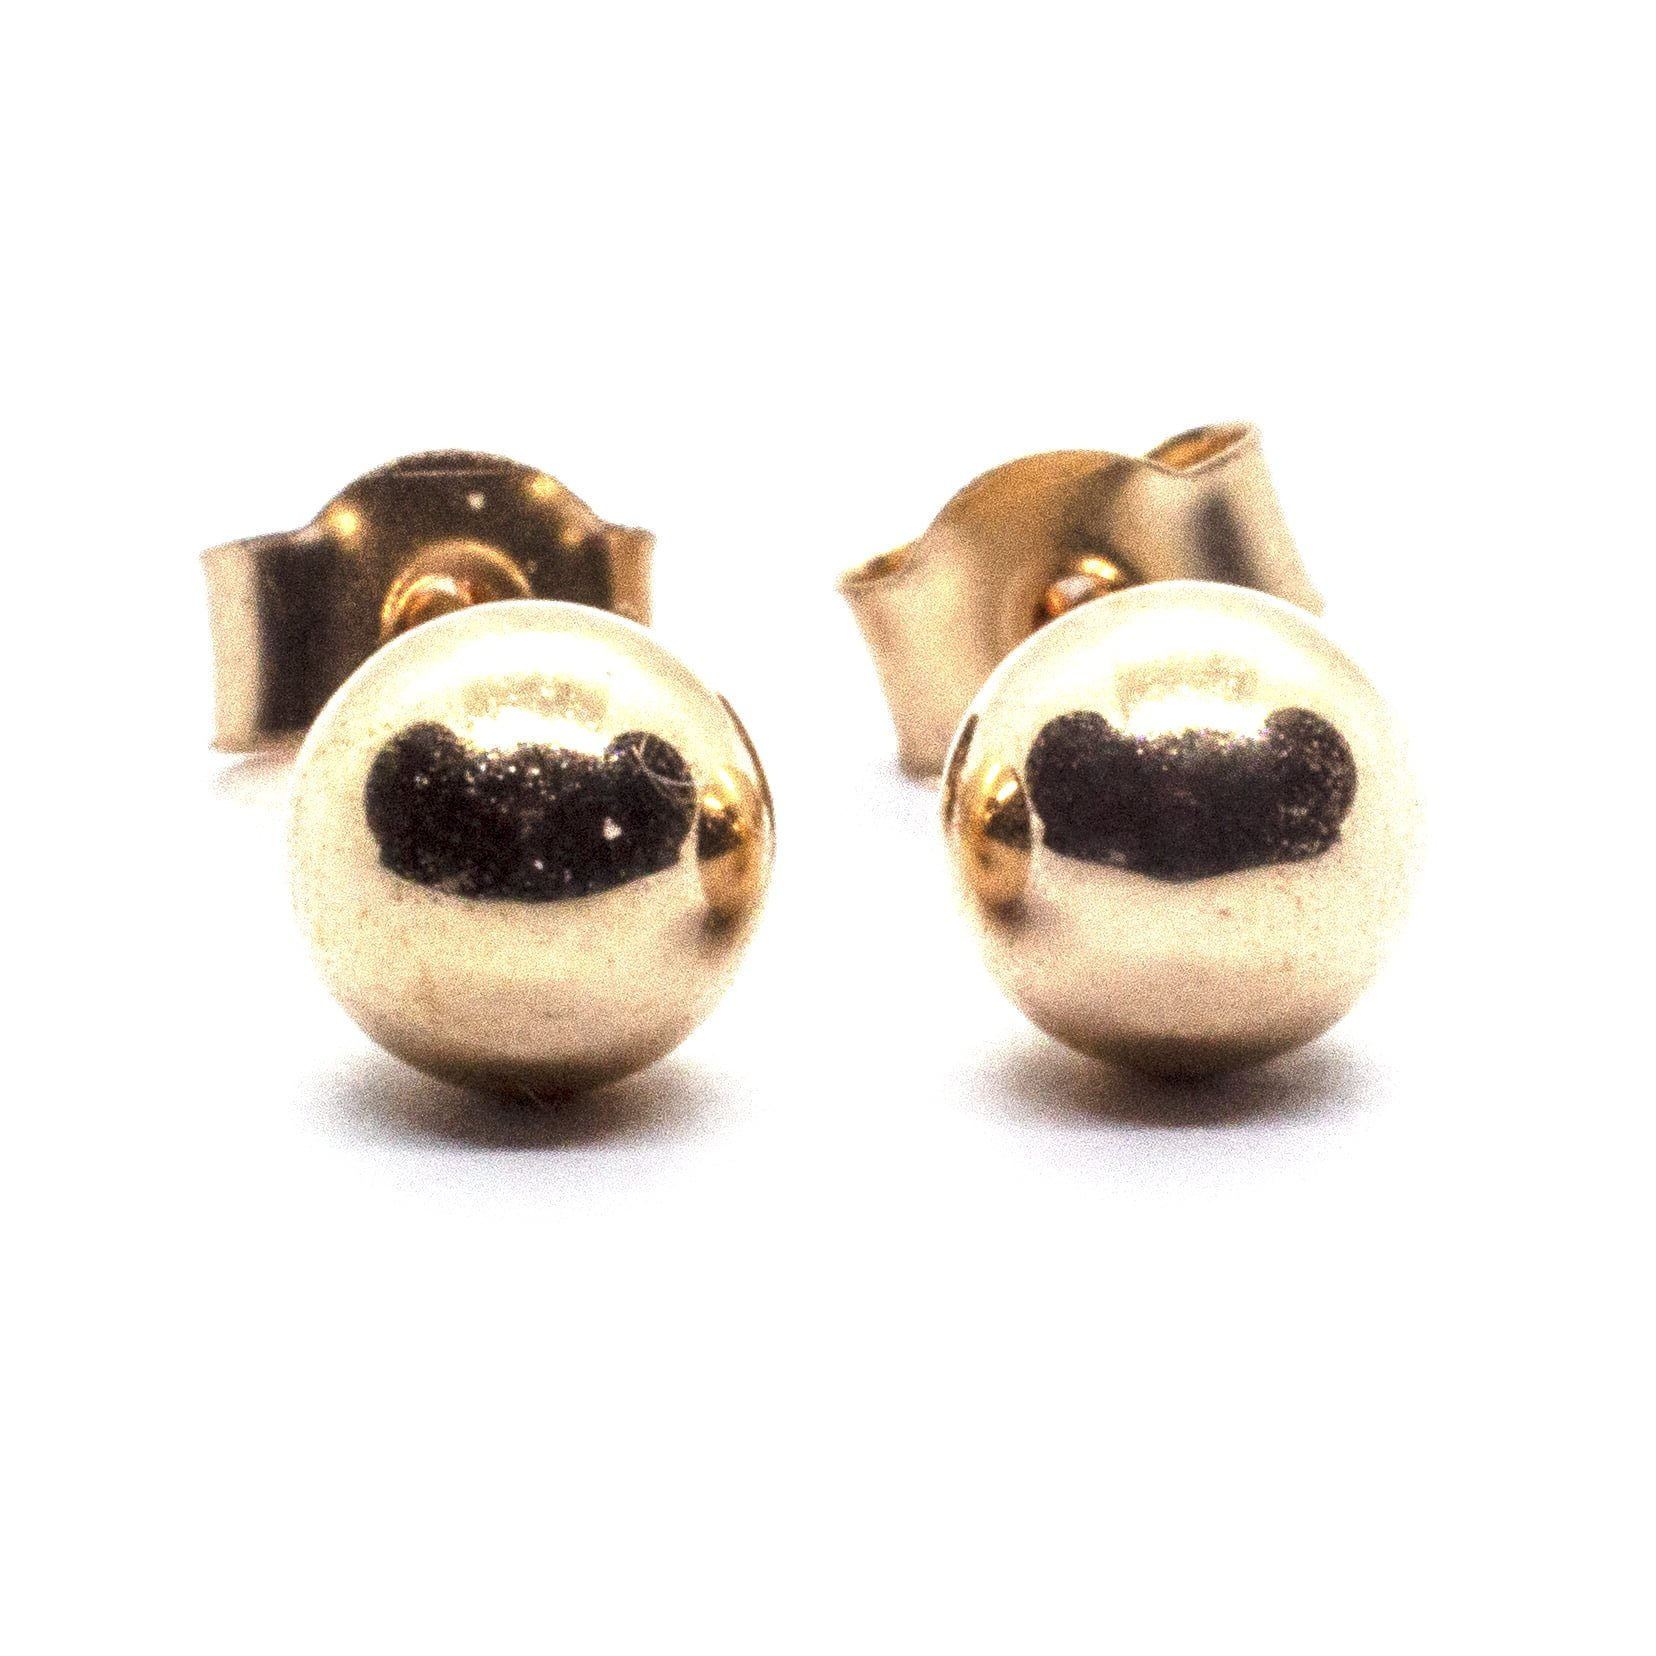 4mm 9ct gold ball earrings closer